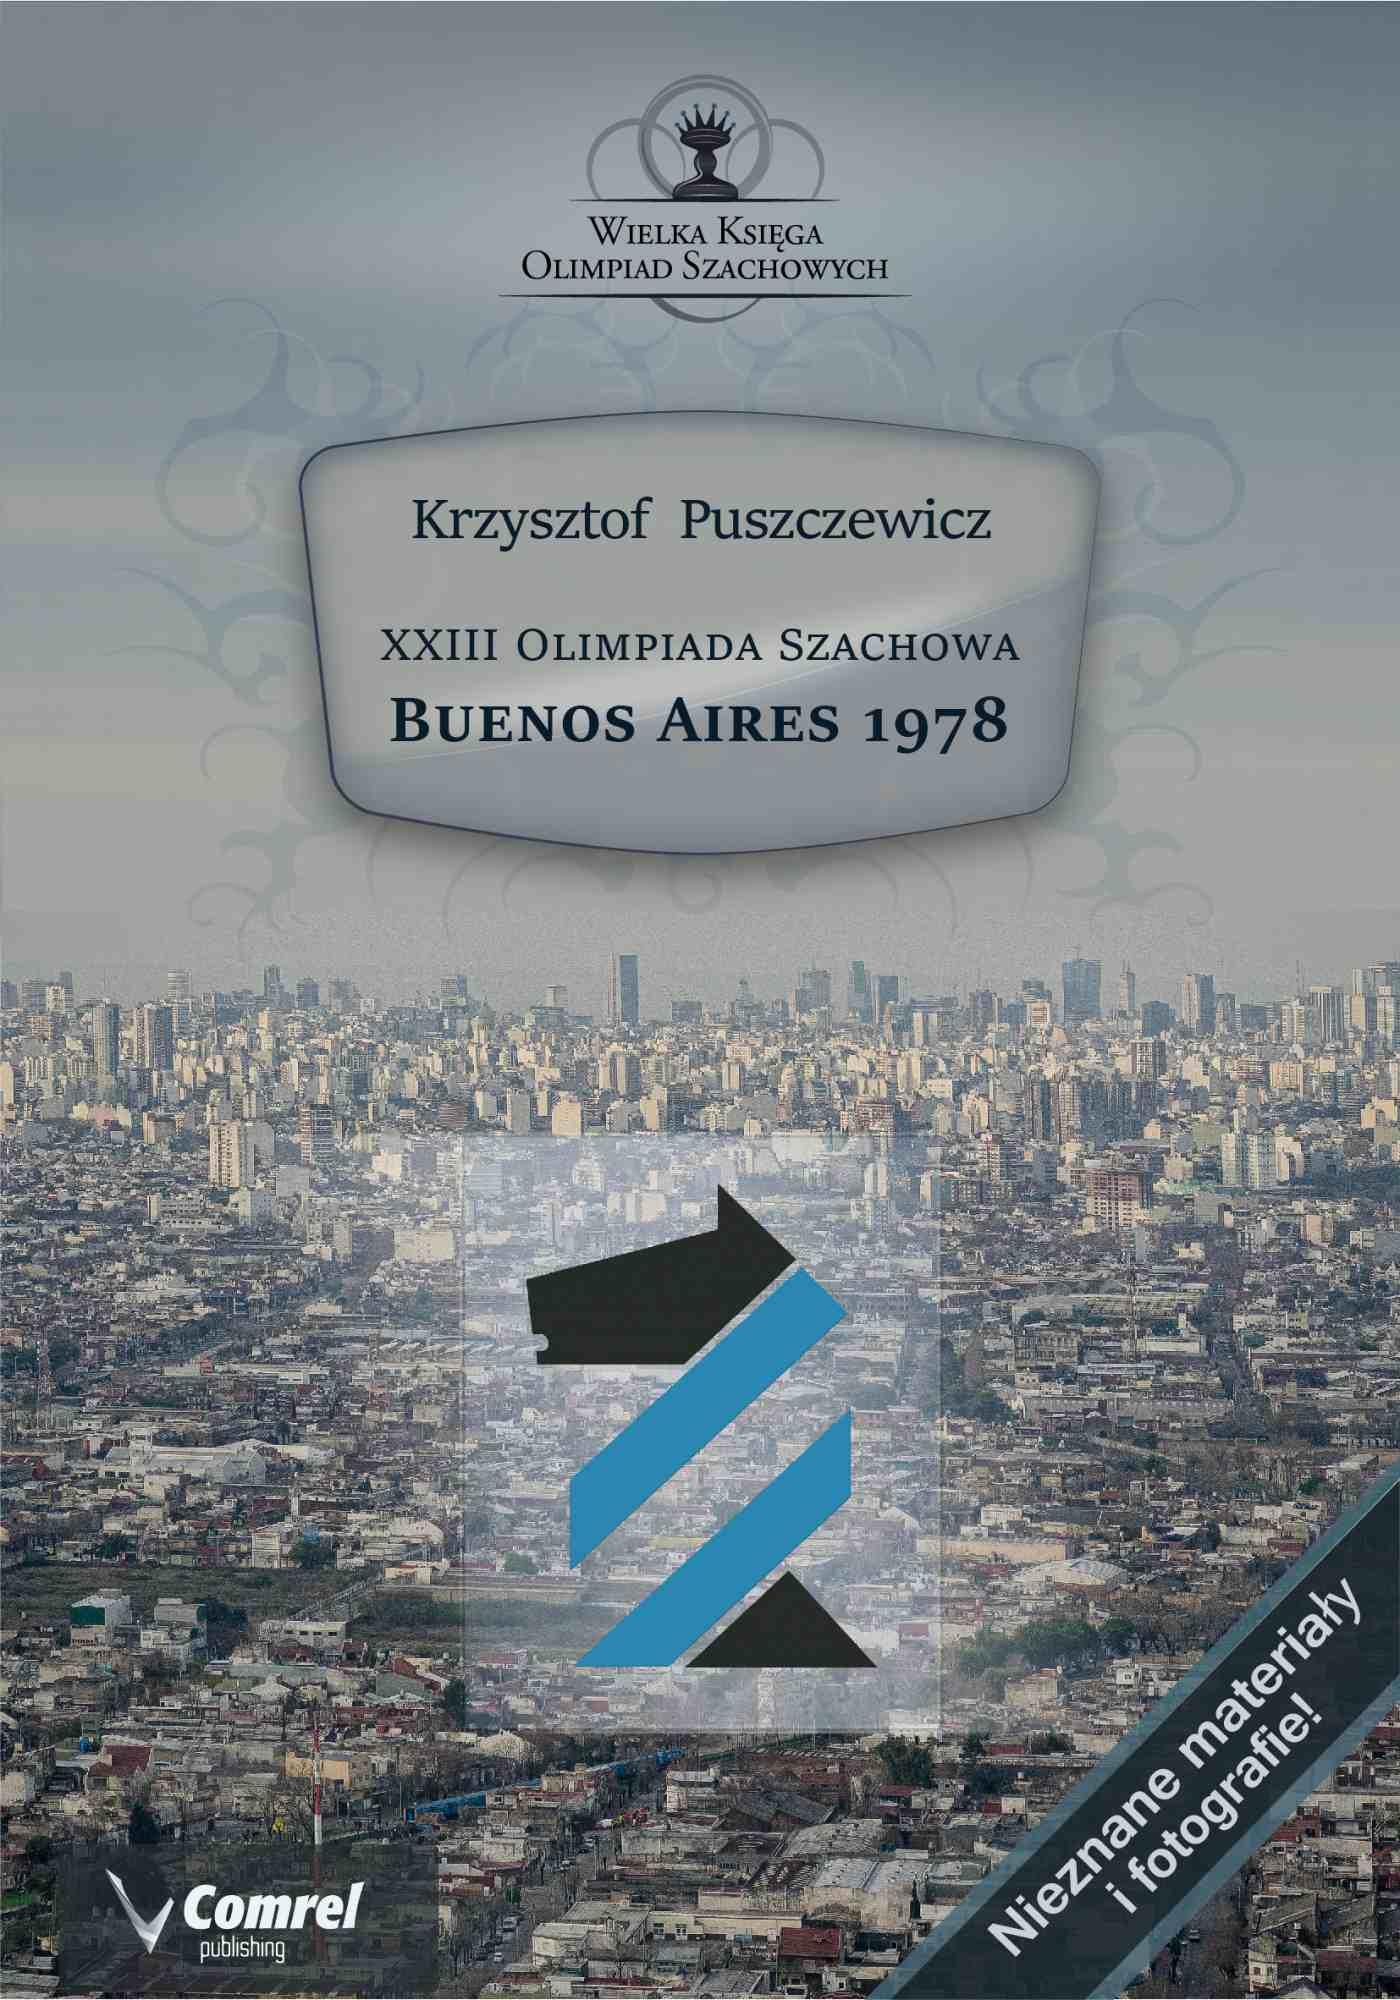 XXIII Olimpiada Szachowa – Buenos Aires 1978 - Ebook (Książka PDF) do pobrania w formacie PDF